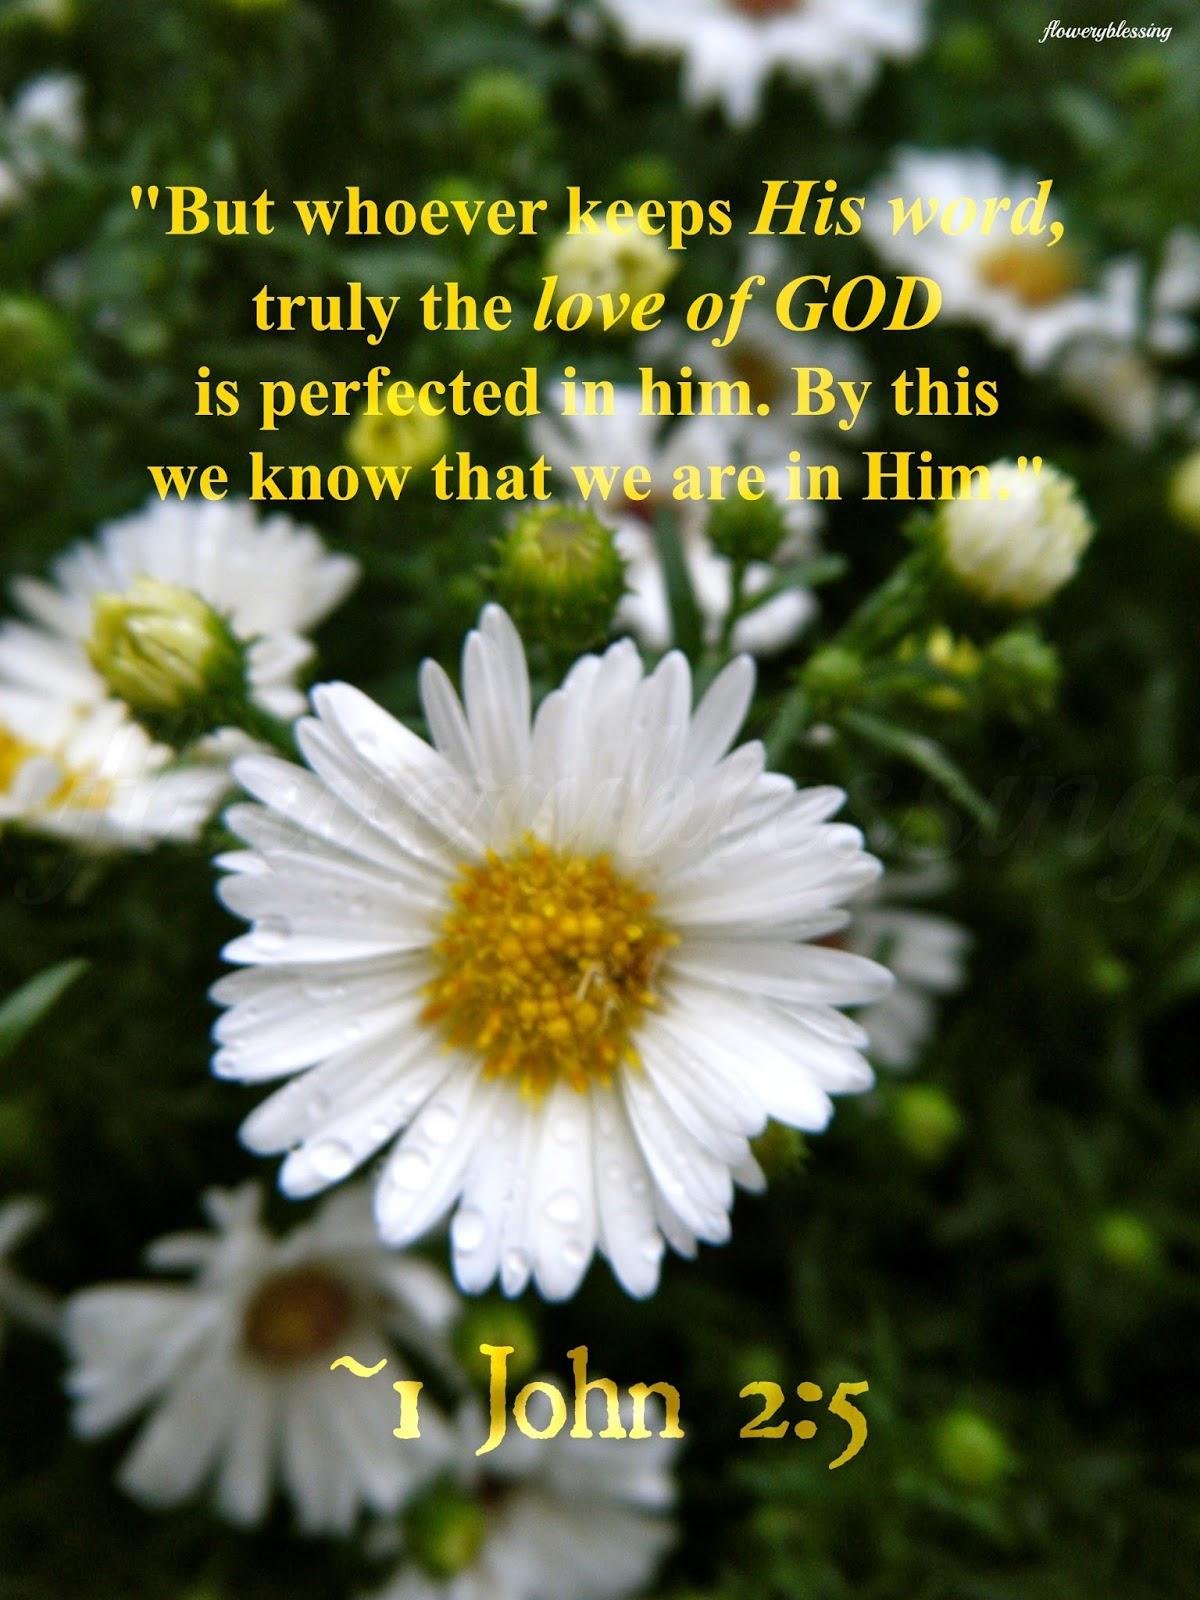 Flowery Blessing: